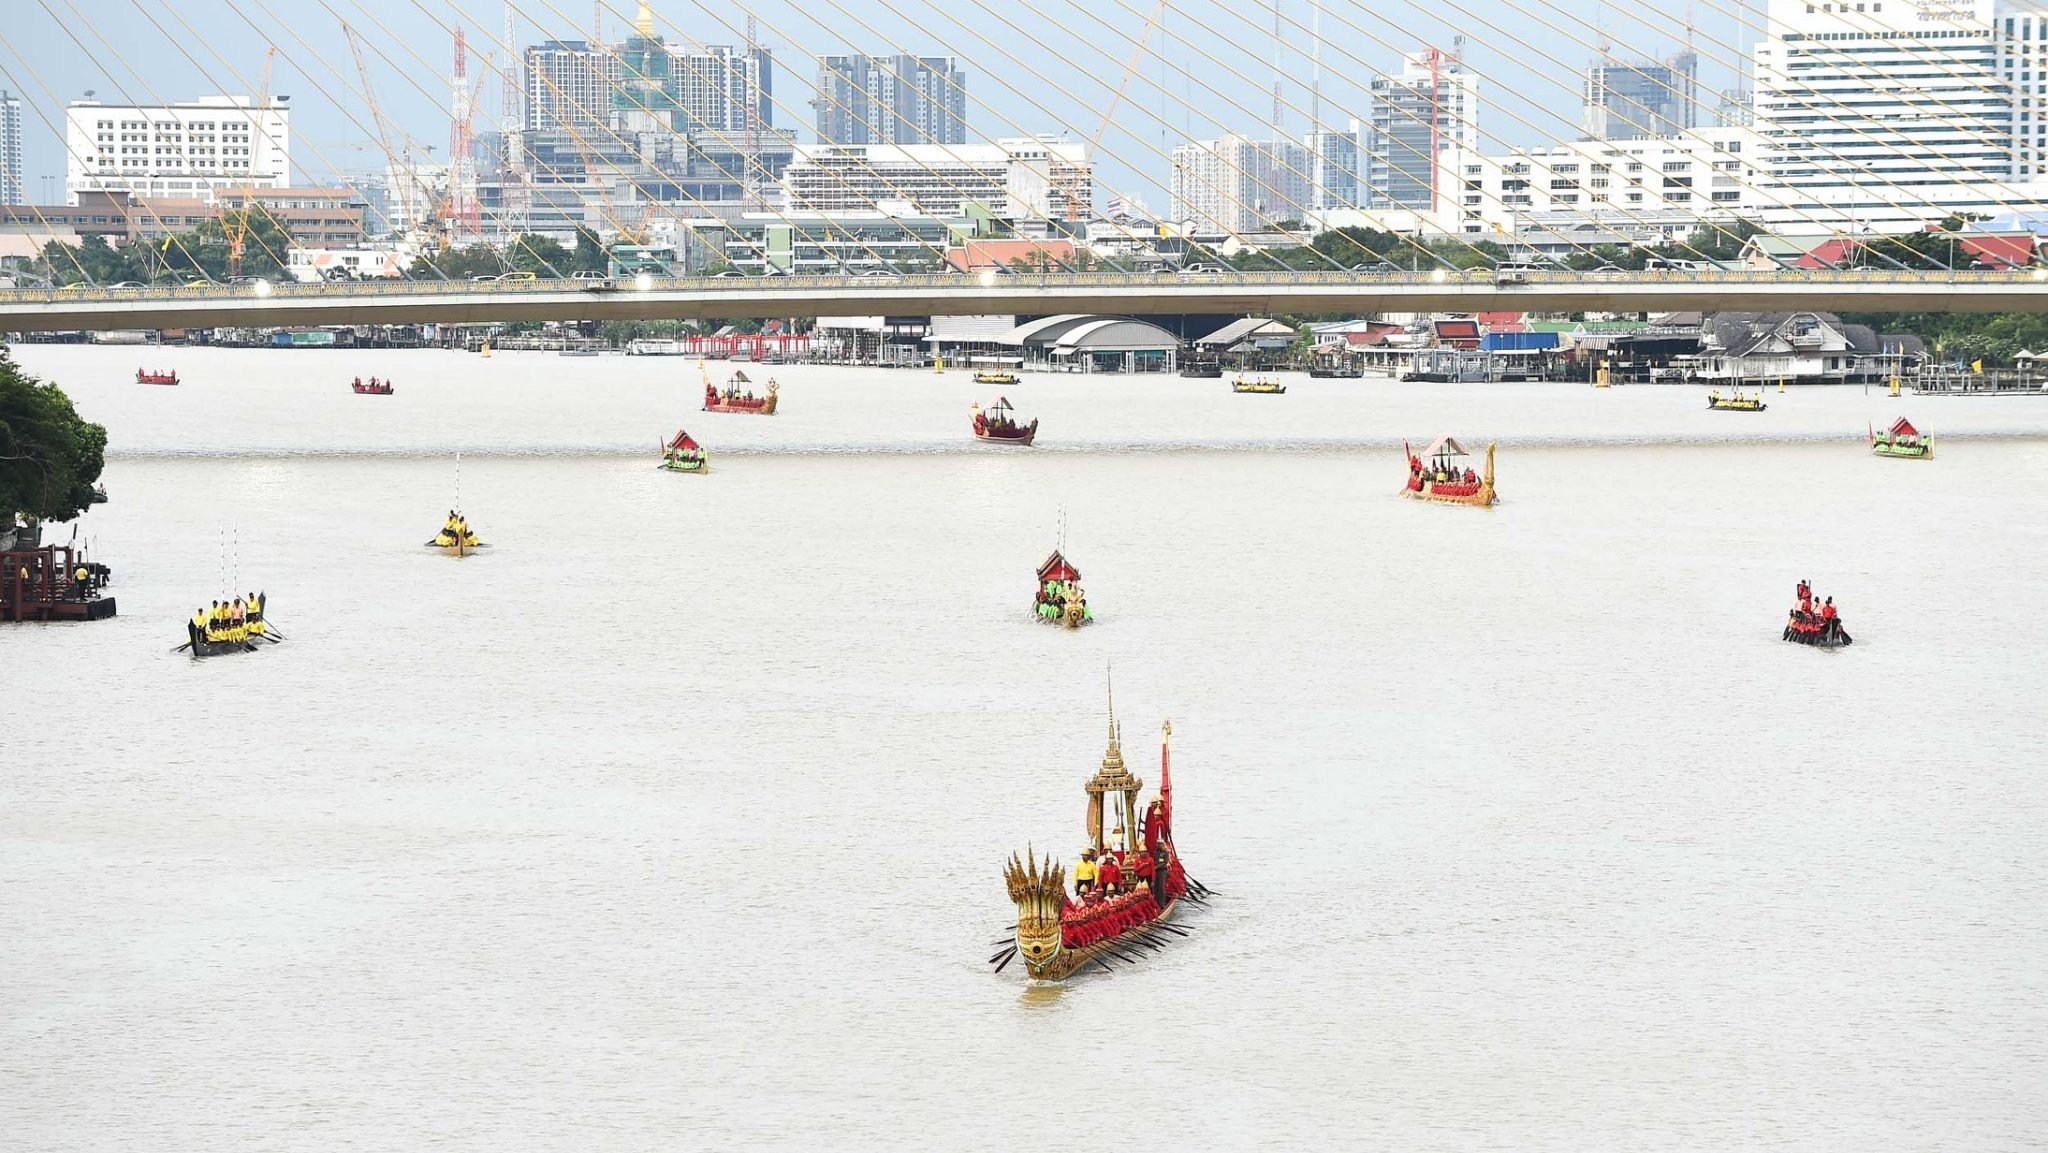 ขบวนพยุหยาตราทางชลมารค ขบวนเรือพระราชพิธี ซ้อมย่อยขบวนเรือพระราชพิธี